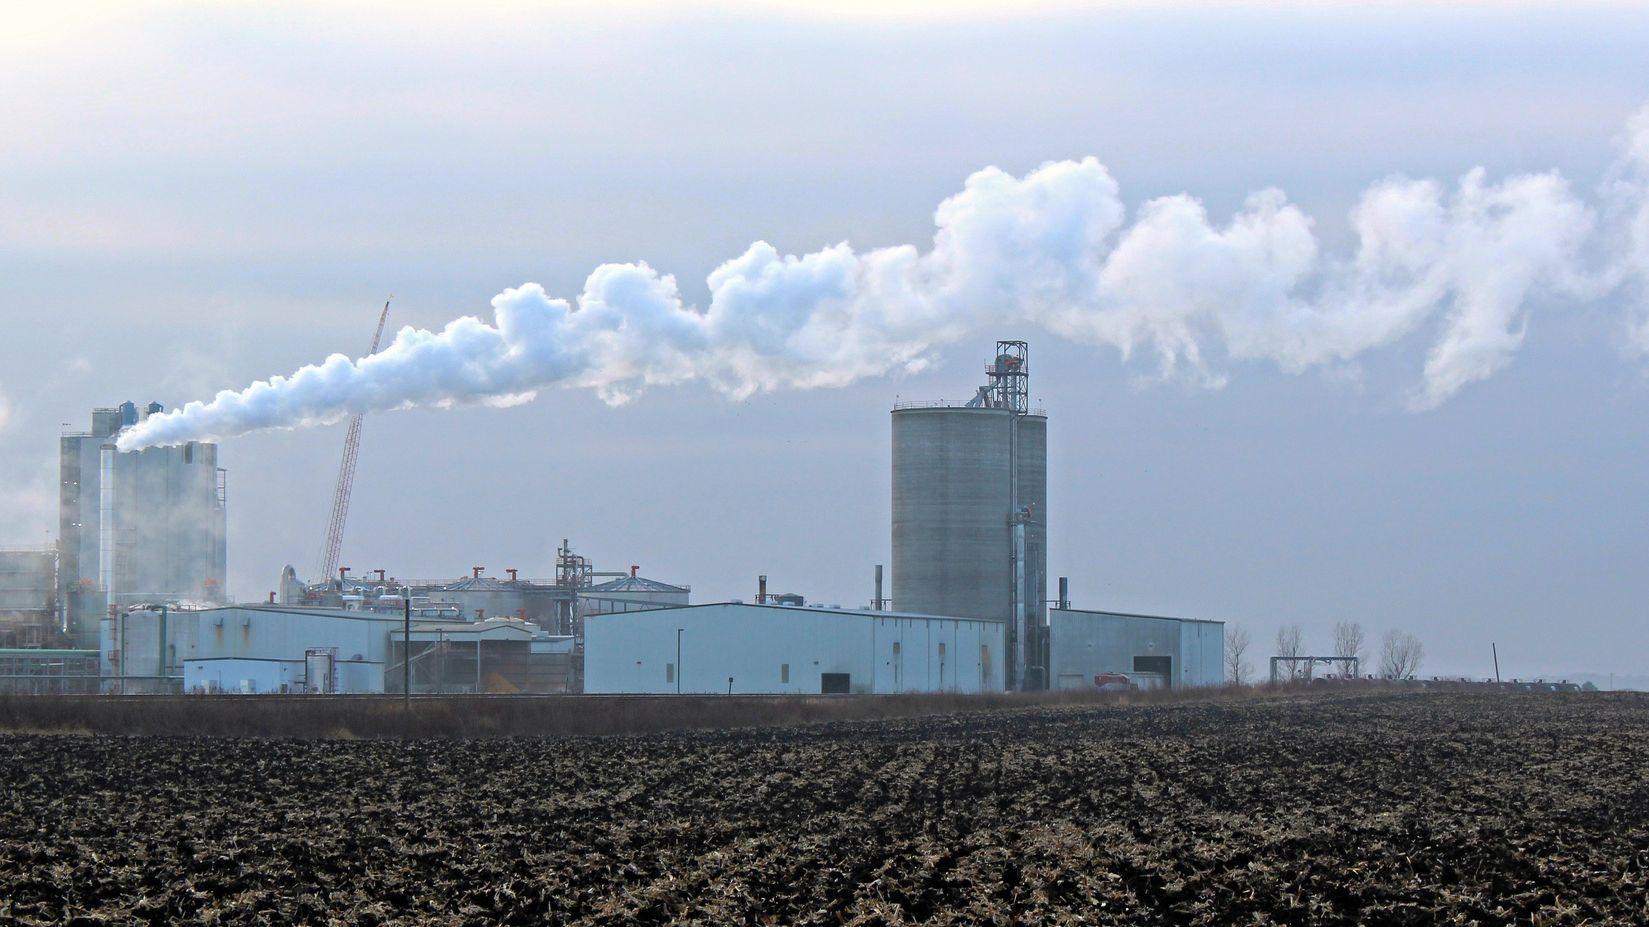 採算にめど、二酸化炭素貯留テクノロジーがついにやってくる